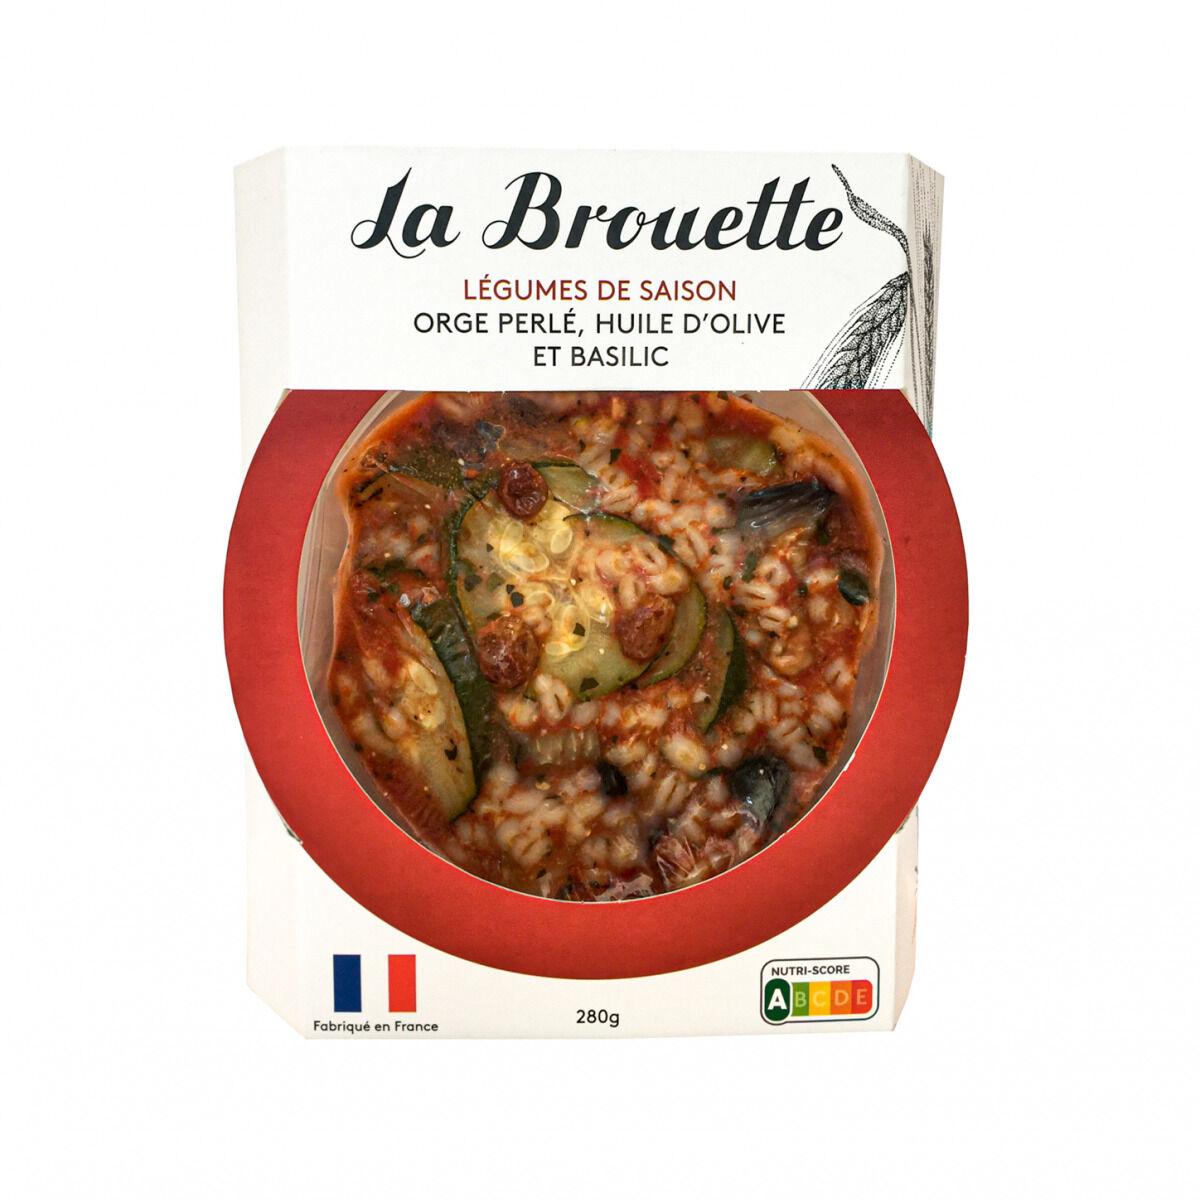 La Brouette Pour 1 Pers. - Légumes de saison orge perlé, huile d'olive et basilic - Convient aux végétariens